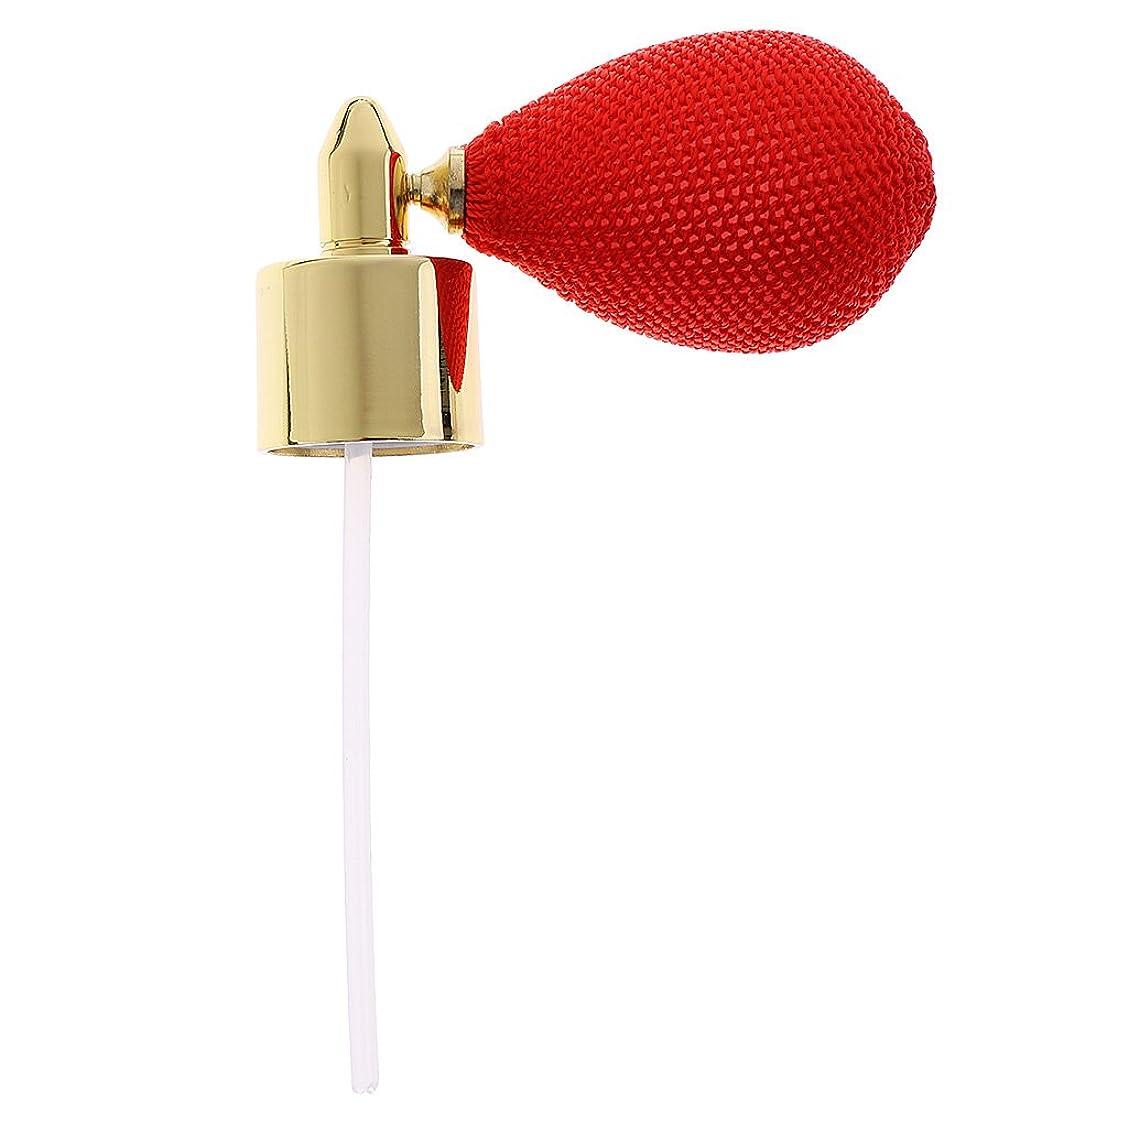 オートクリアキリストFityle クリスタル 香水ボトル 交換パーツ スプレーポンプ アトマイザー トラベル アクセサリー 全7色  - 赤